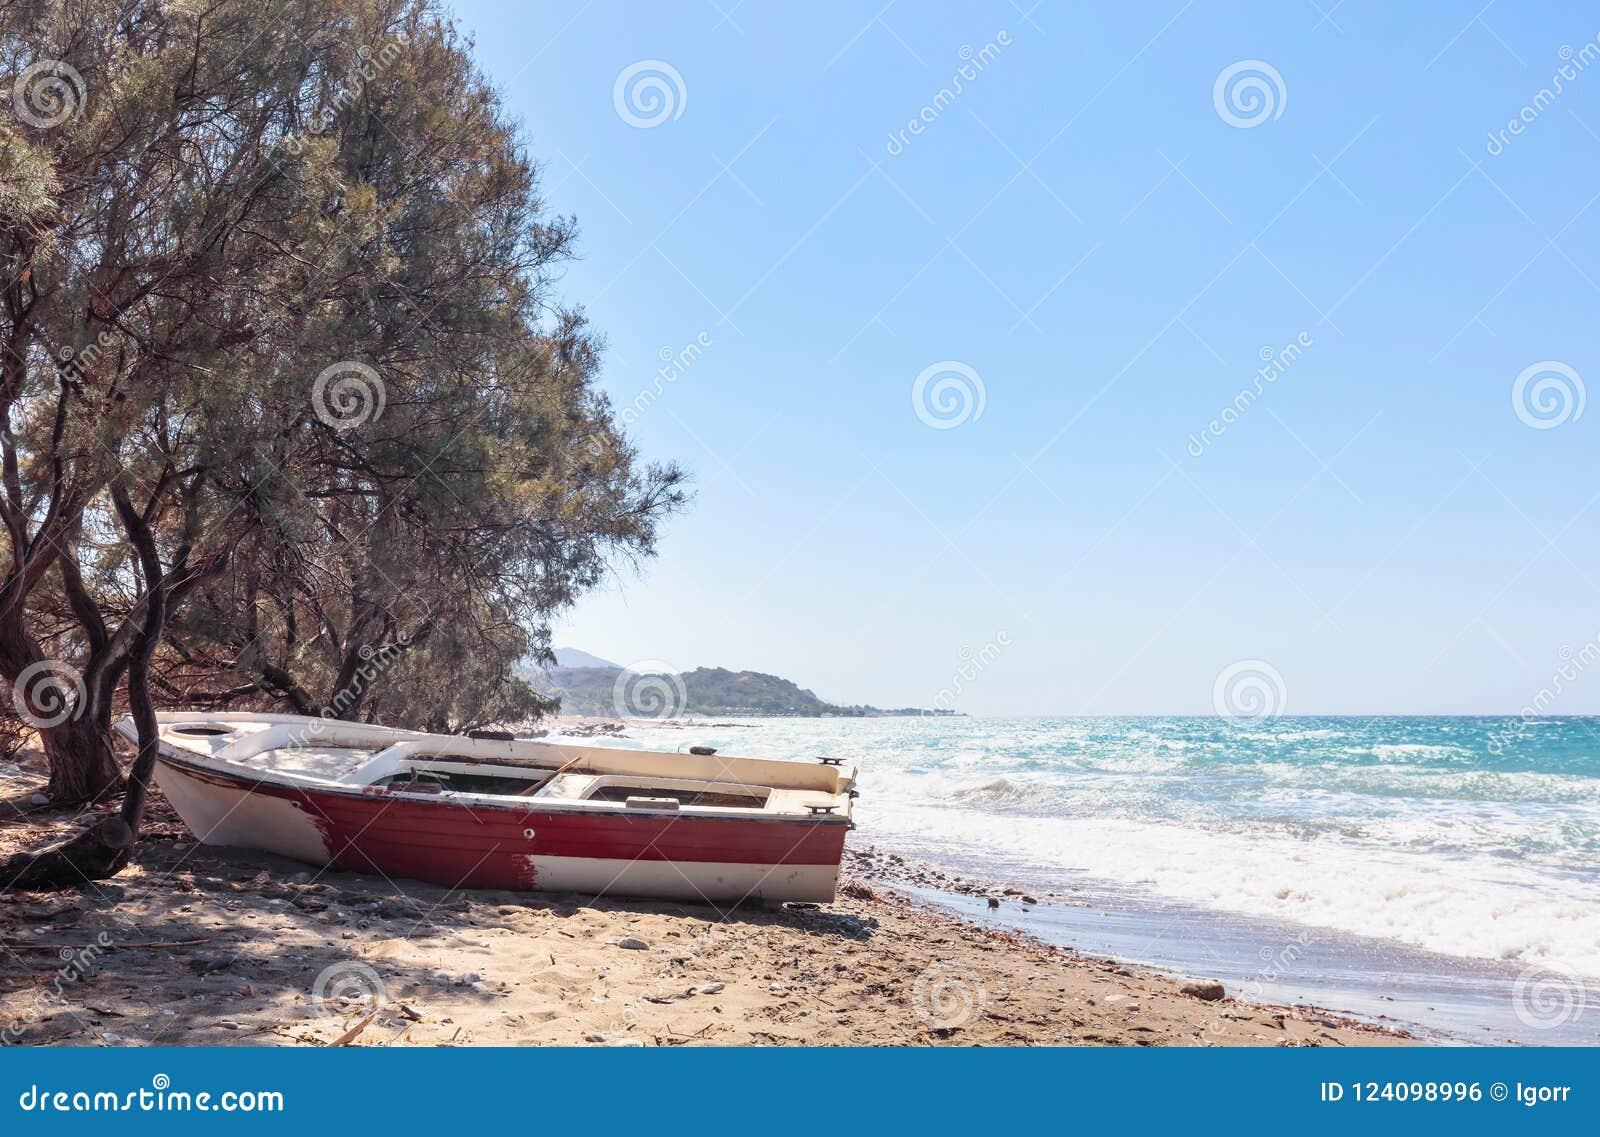 Stara łódź rybacka na plaży morze śródziemnomorskie